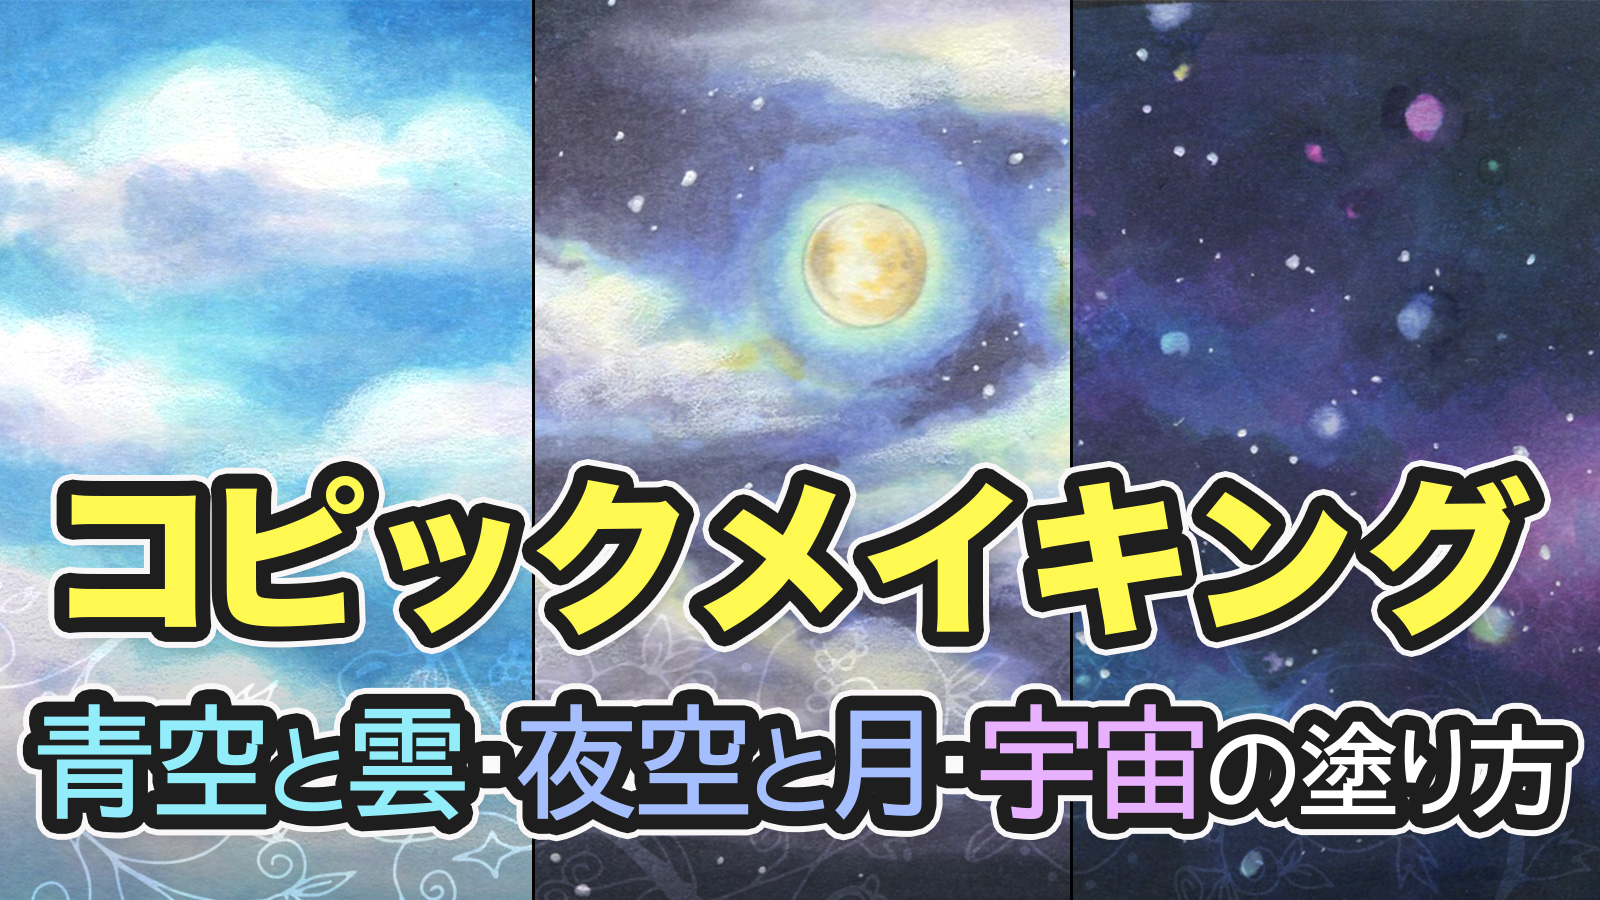 【コピック】青空と雲/夜空と月/宇宙の塗り方(初心者向けメイキング)